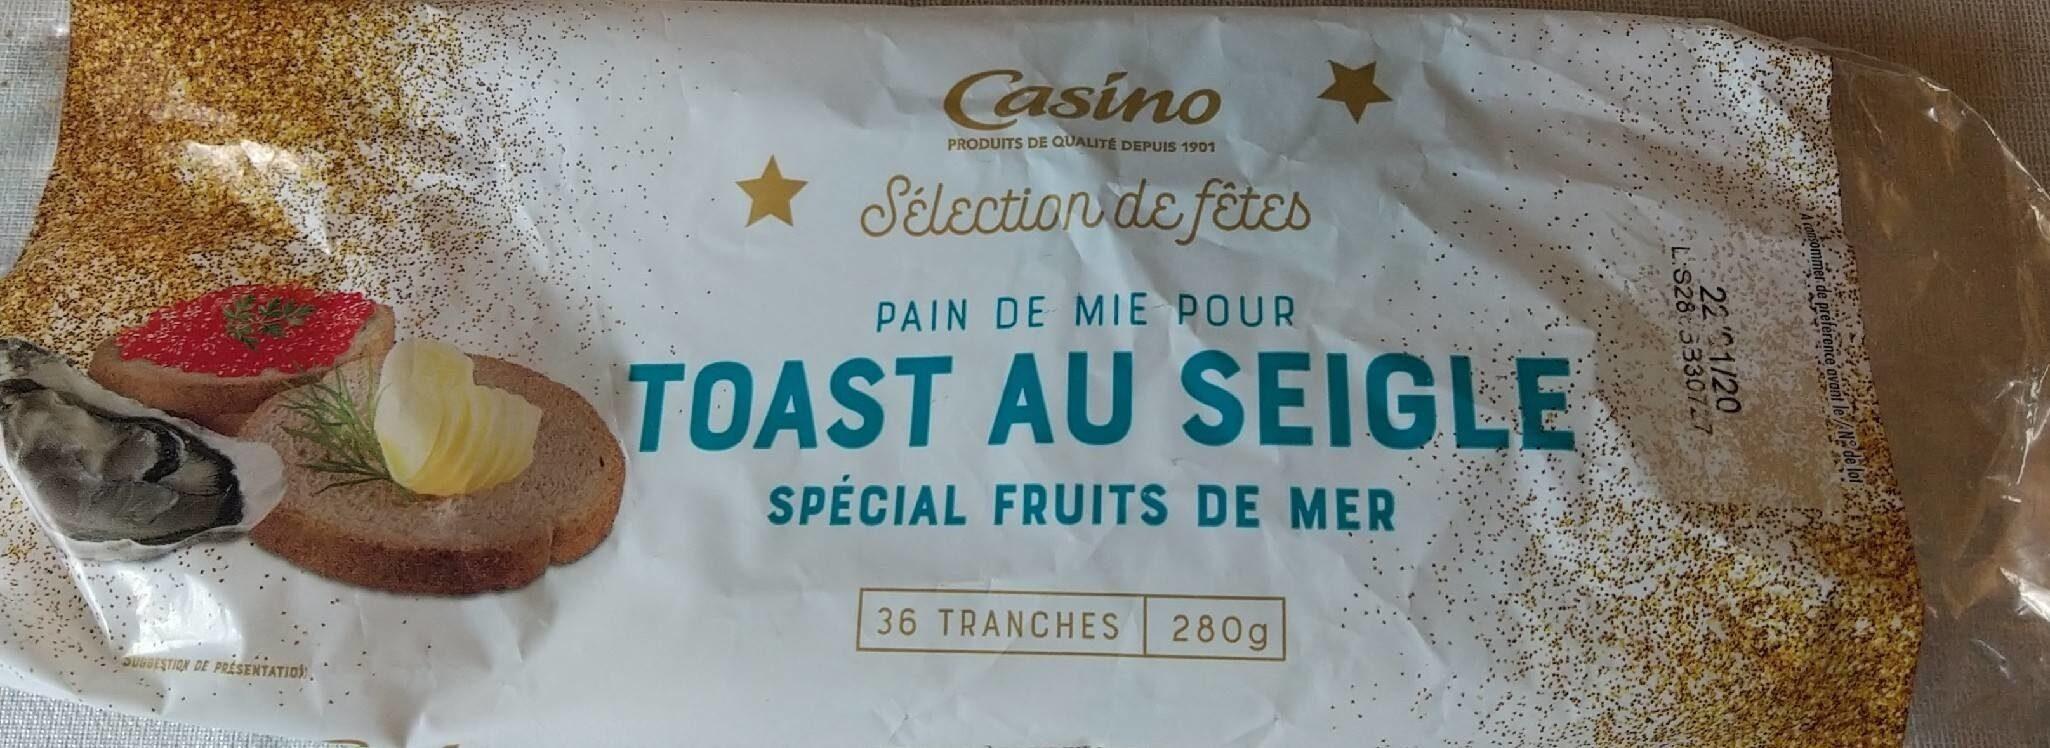 Pain de mie pour toast au seigle spécial fruits de mer - Product